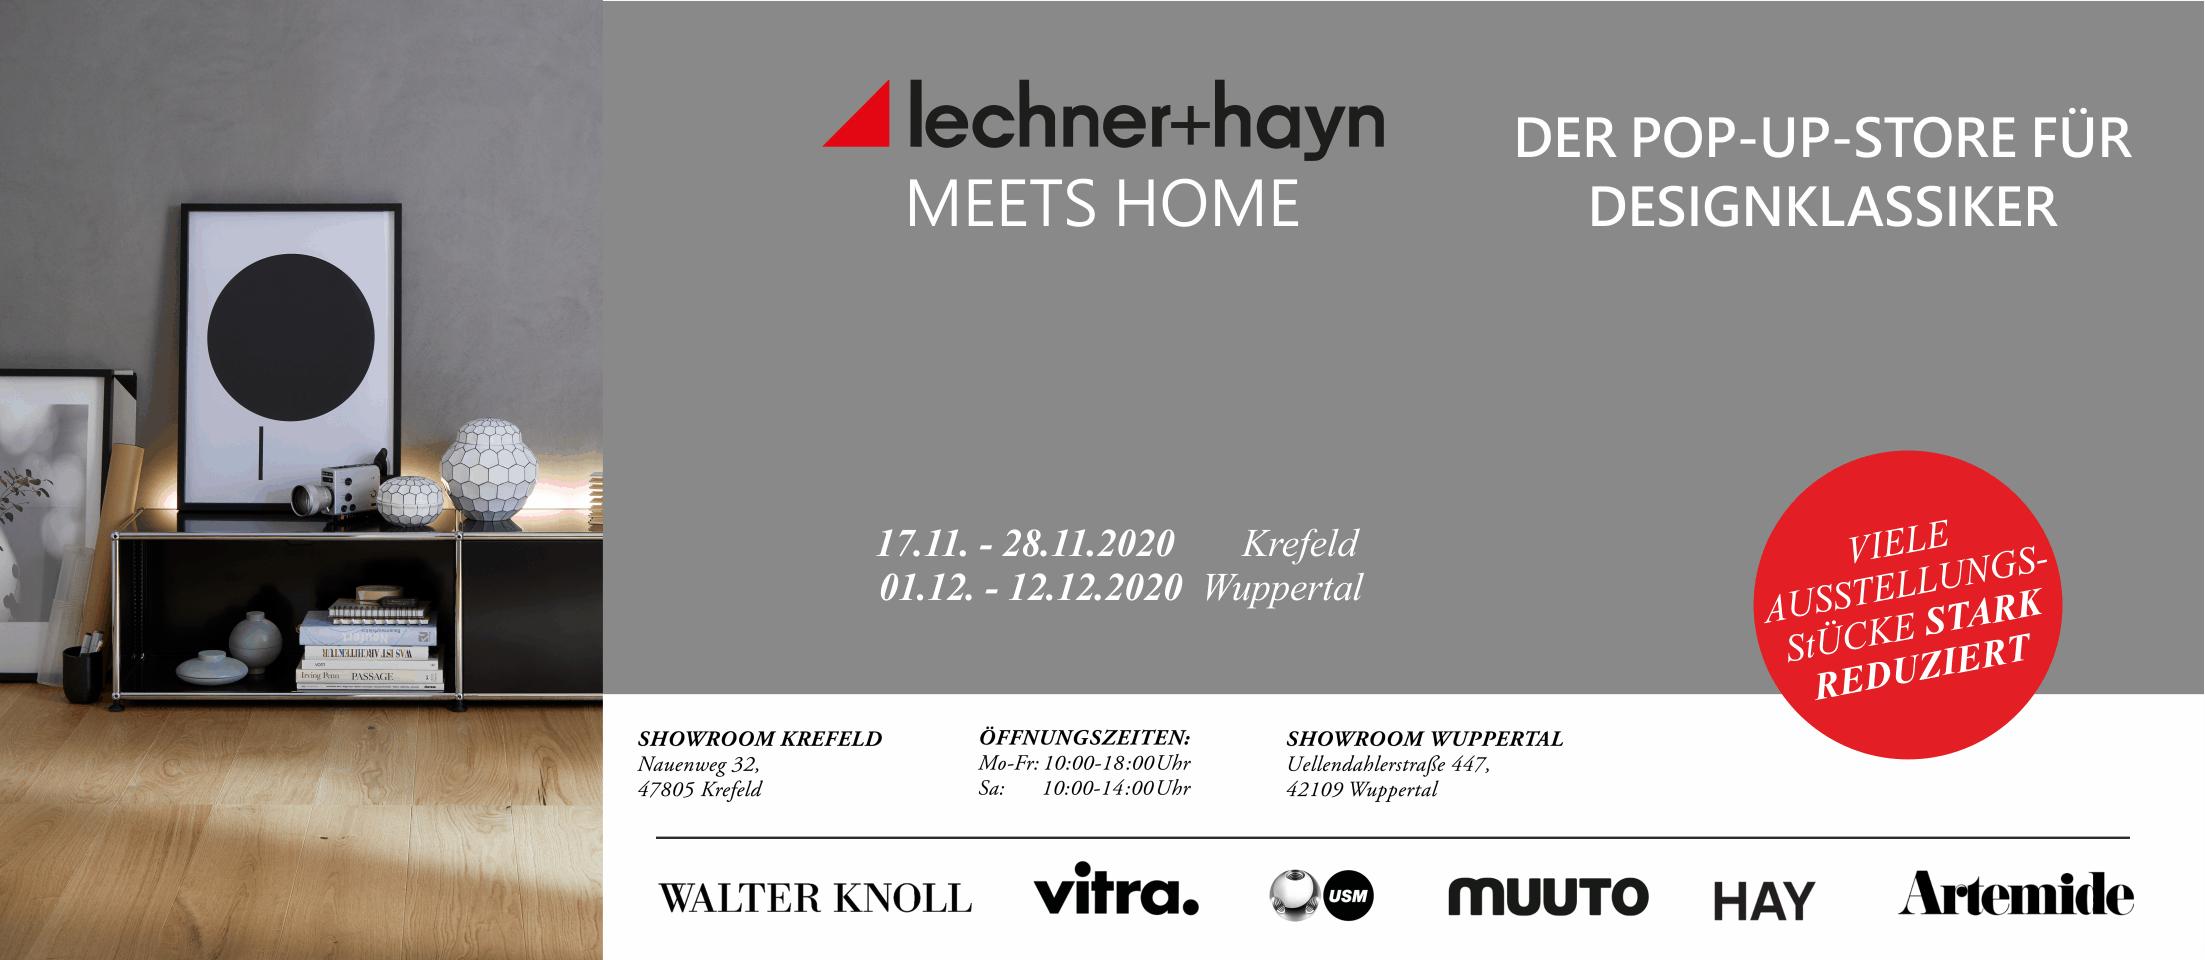 l+h meets home